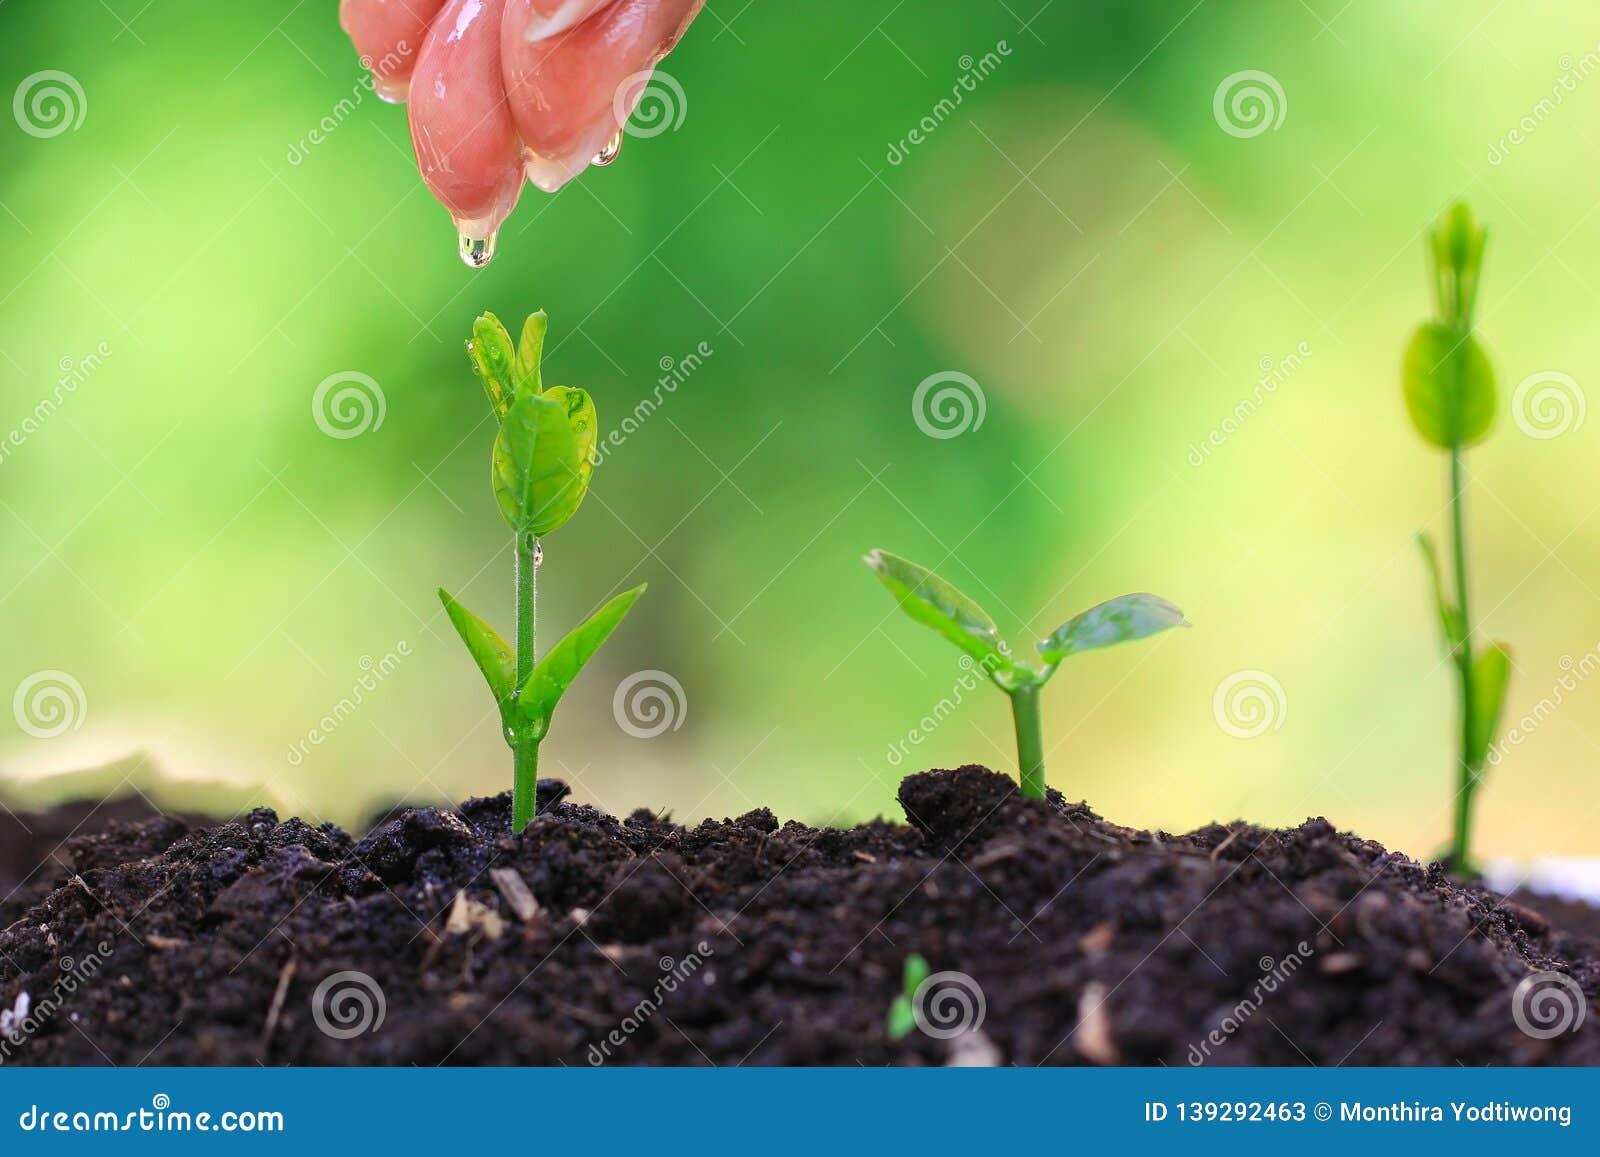 Main de femme arrosant ? la jeune usine dans le sol complet sur le fond vert naturel, concept croissant d usines